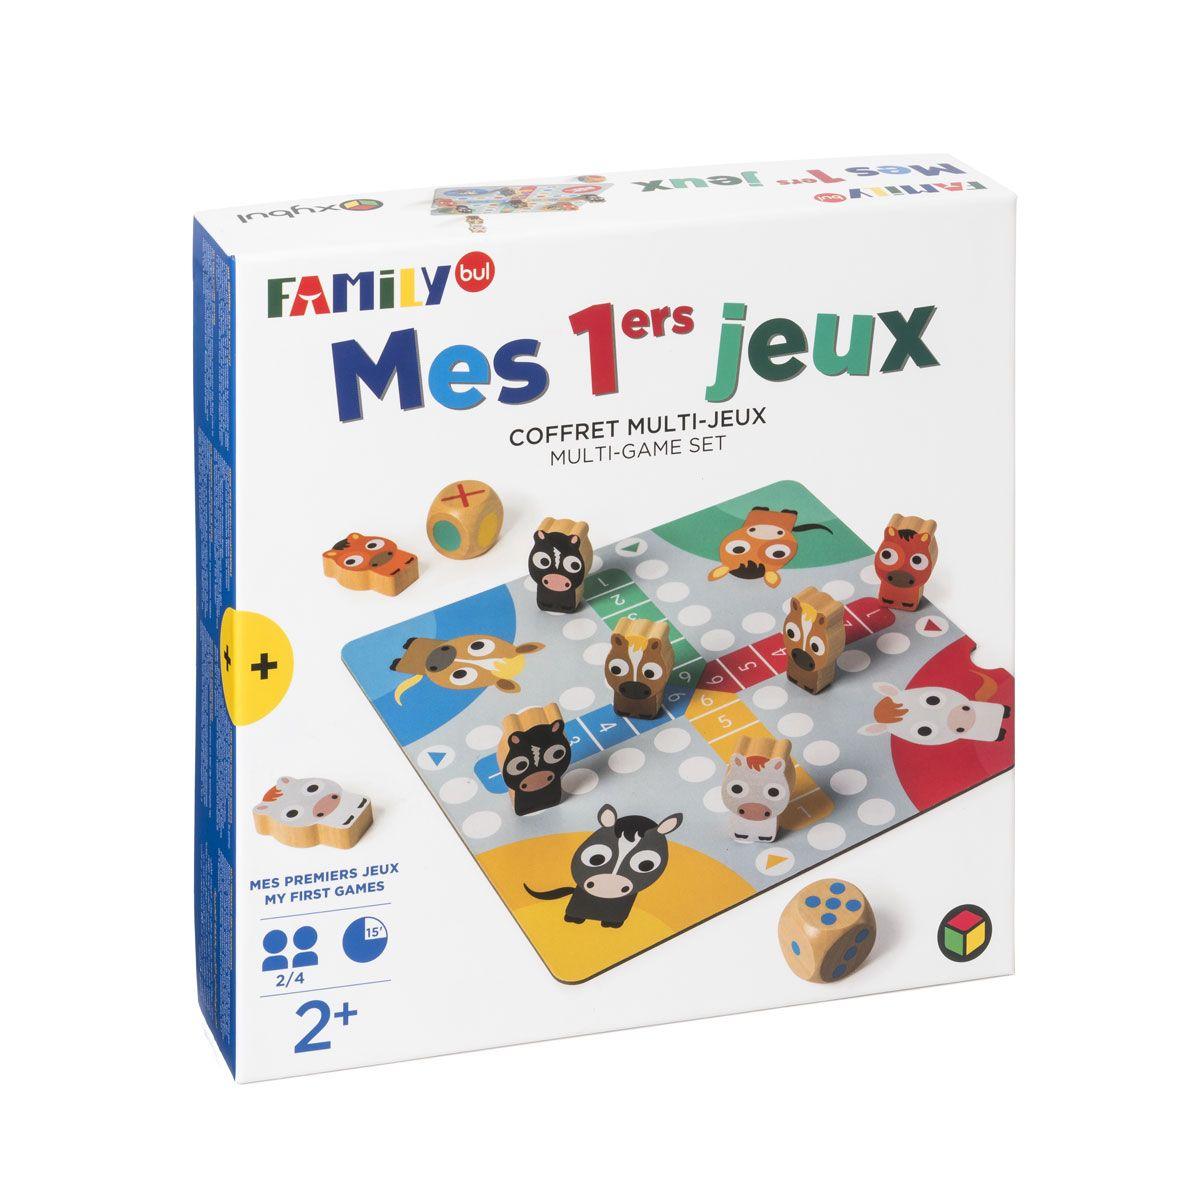 Mes Premiers Jeux De Société Familybul Création Oxybul dedans Jeux Pour Enfant De 6 Ans